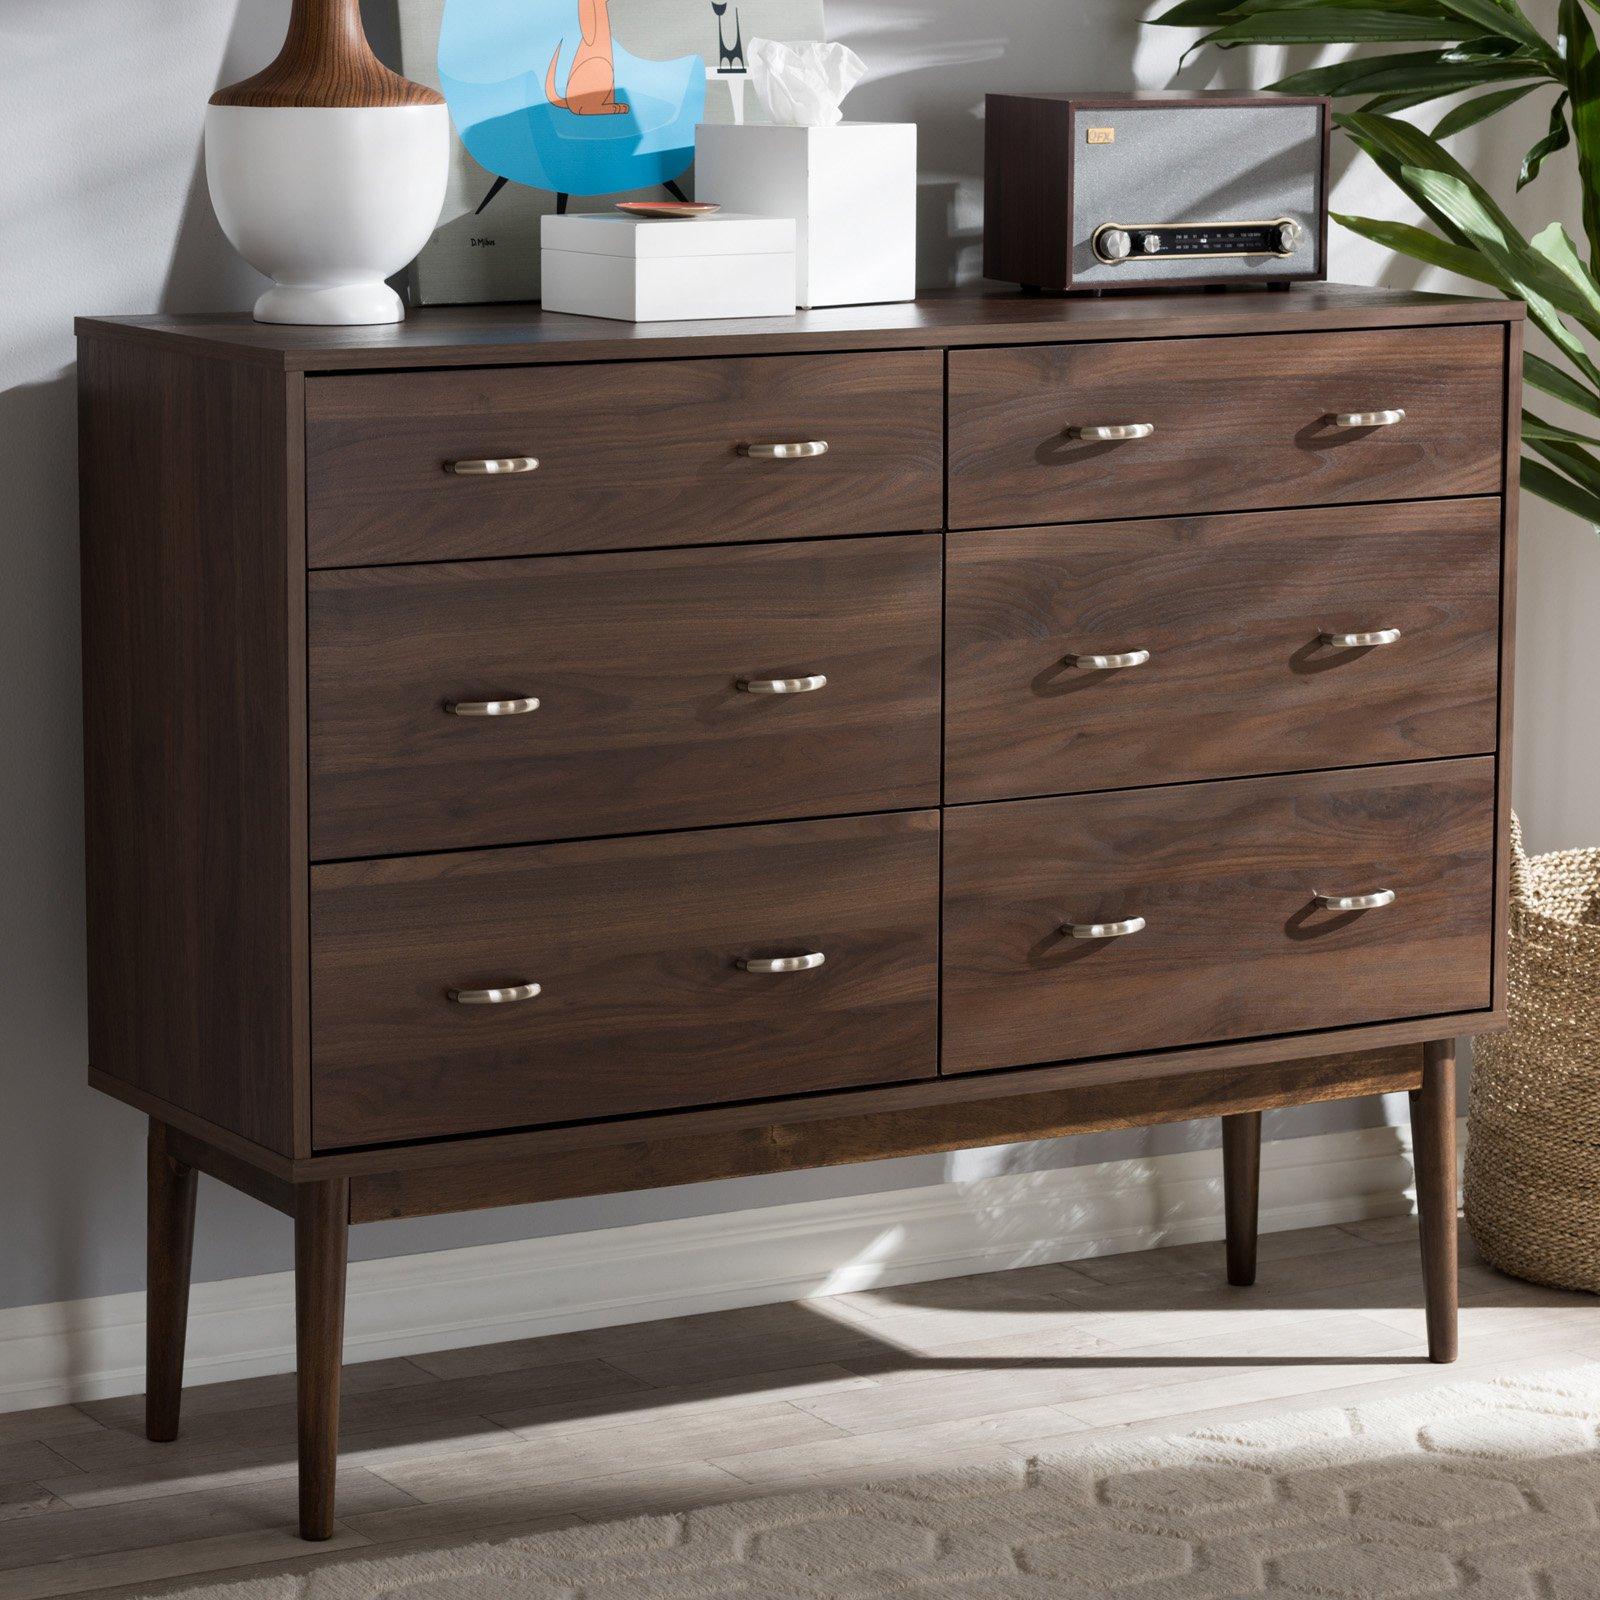 Best Baxton Studio Disa Mid Century Modern 6 Drawer Dresser 400 x 300